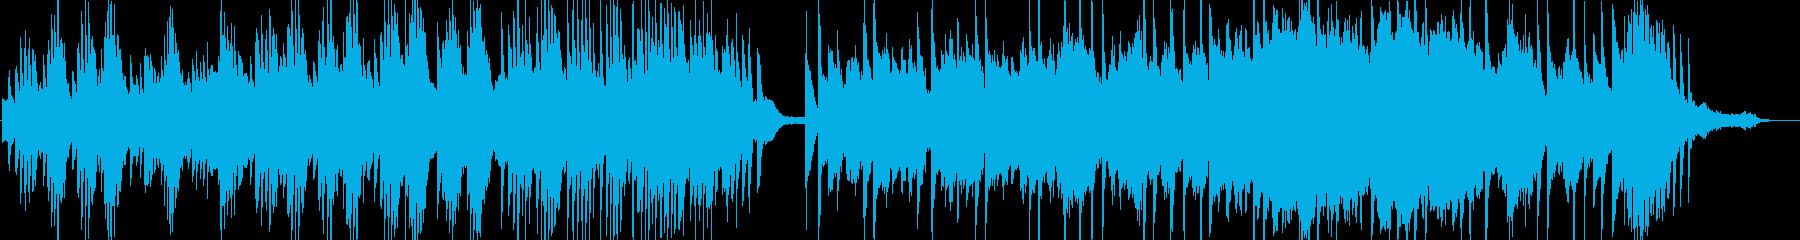 ピアノ&オーケストラ。クラシック。の再生済みの波形